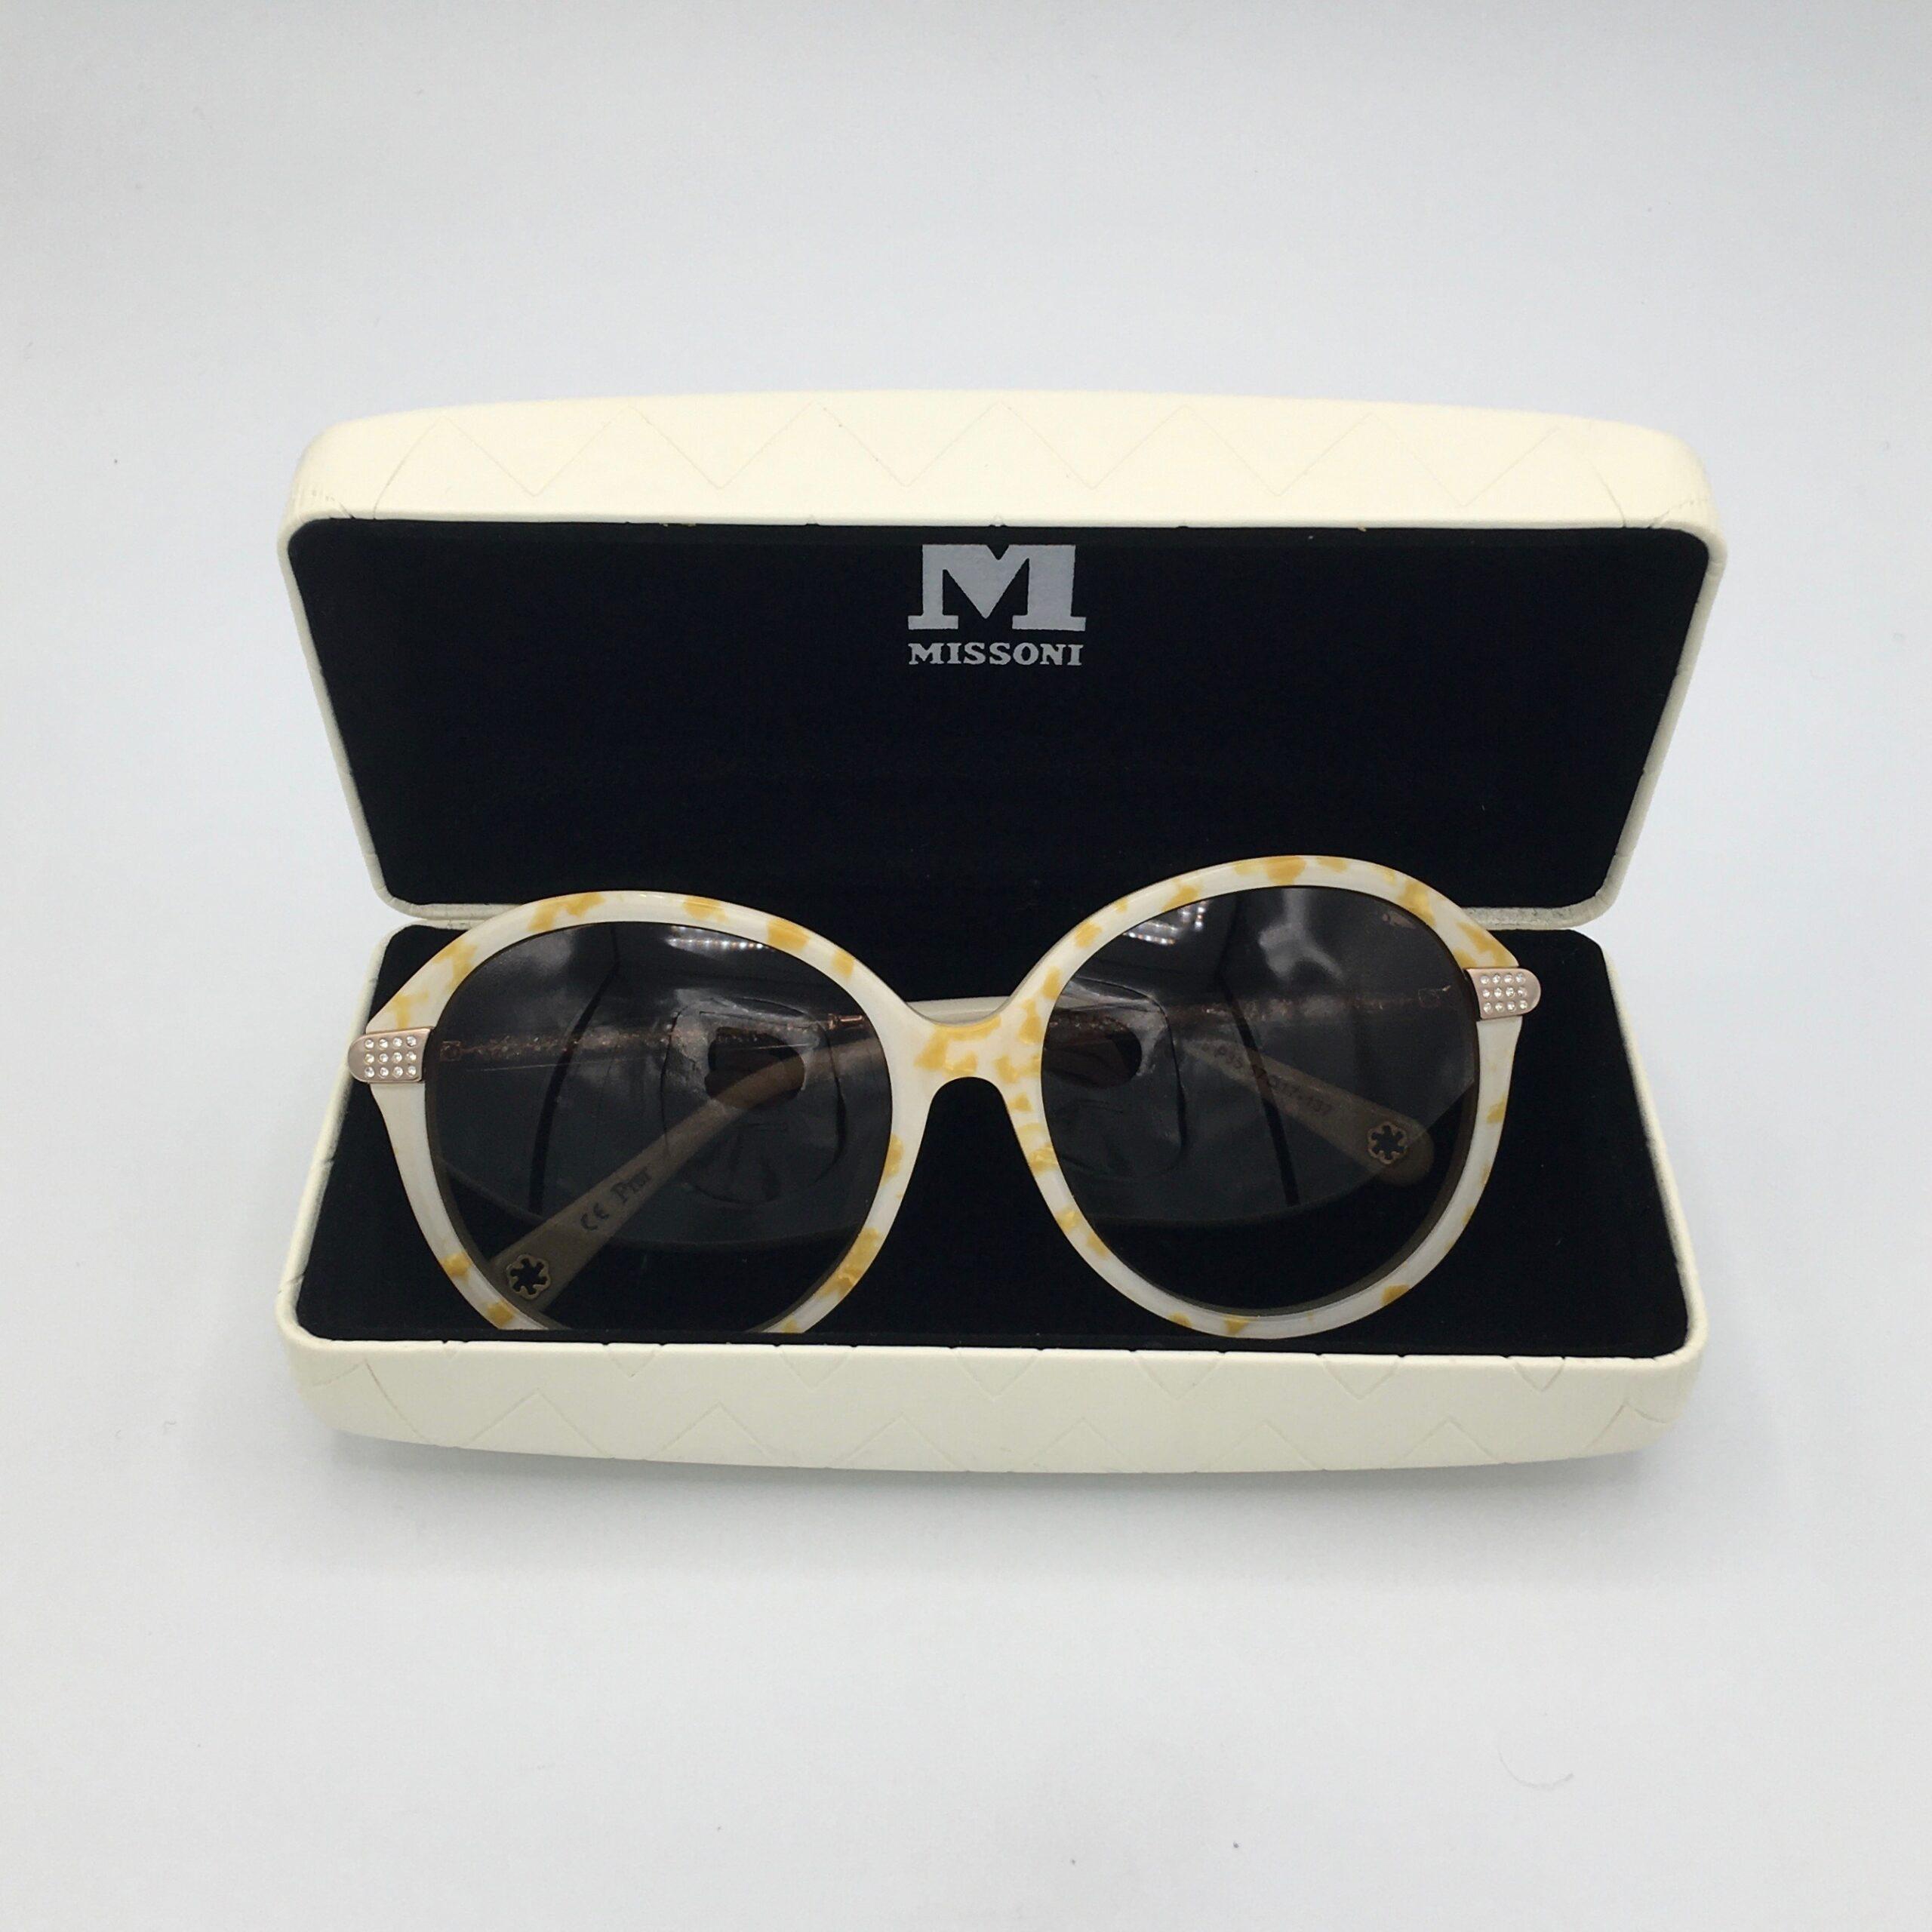 Vintage Missoni Sunglasses